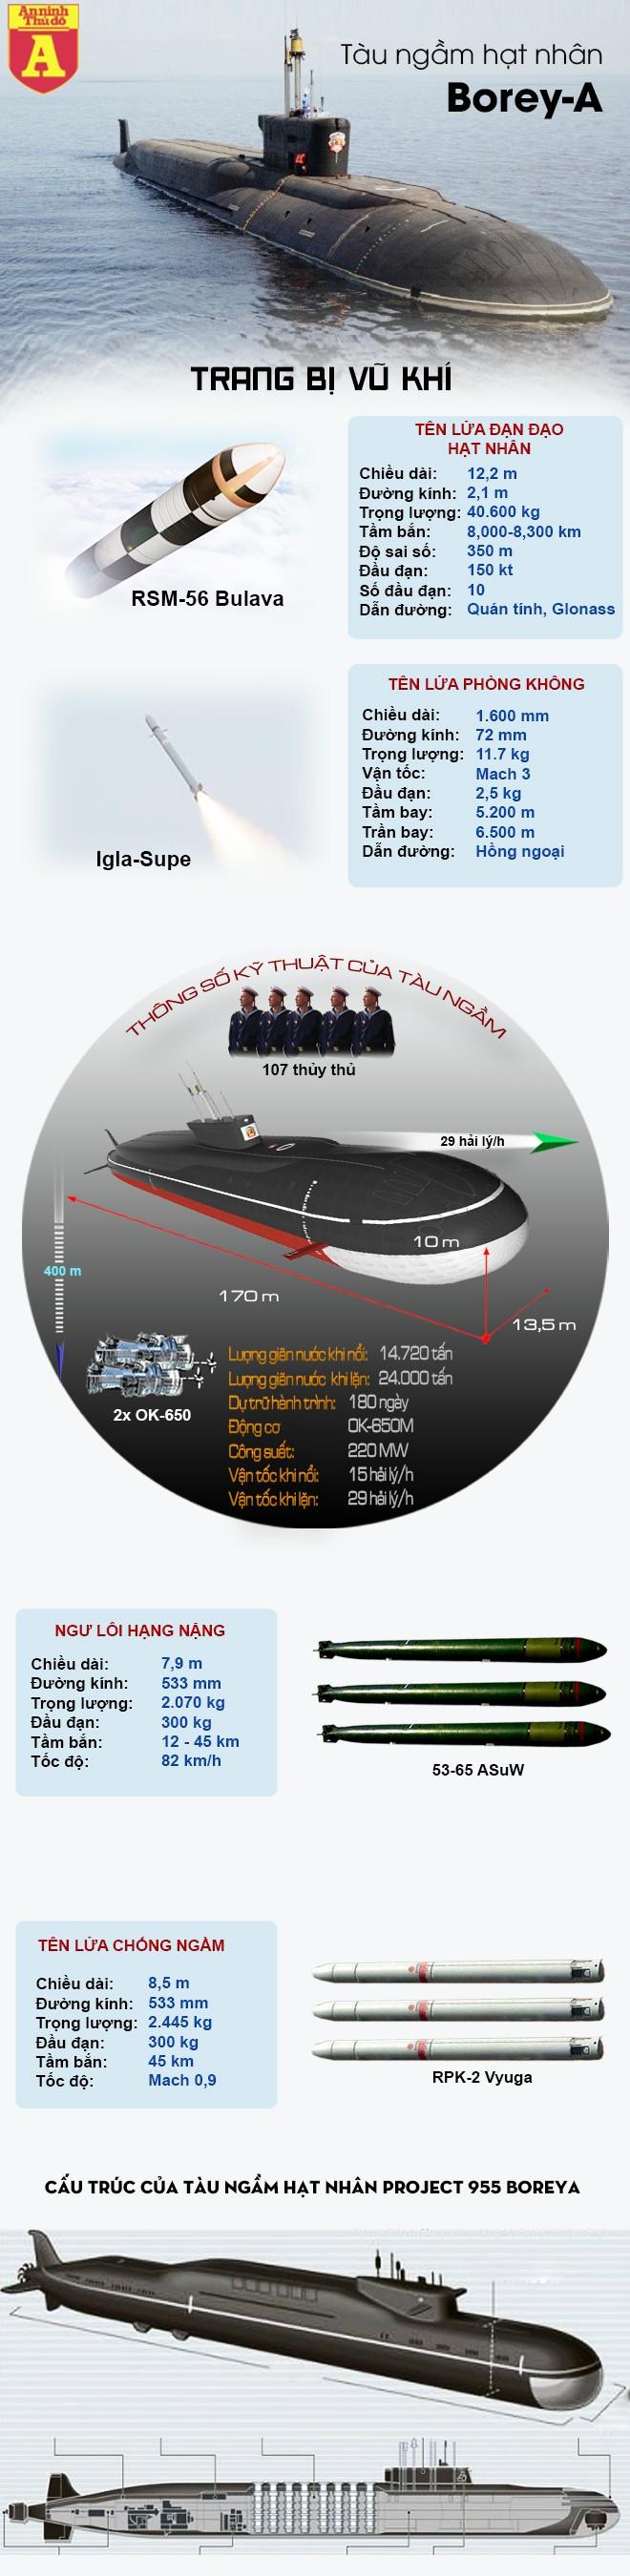 [Info] Siêu tàu ngầm hạt nhân Nga bí mật đi qua bờ biển mà Mỹ không hay biết ảnh 2